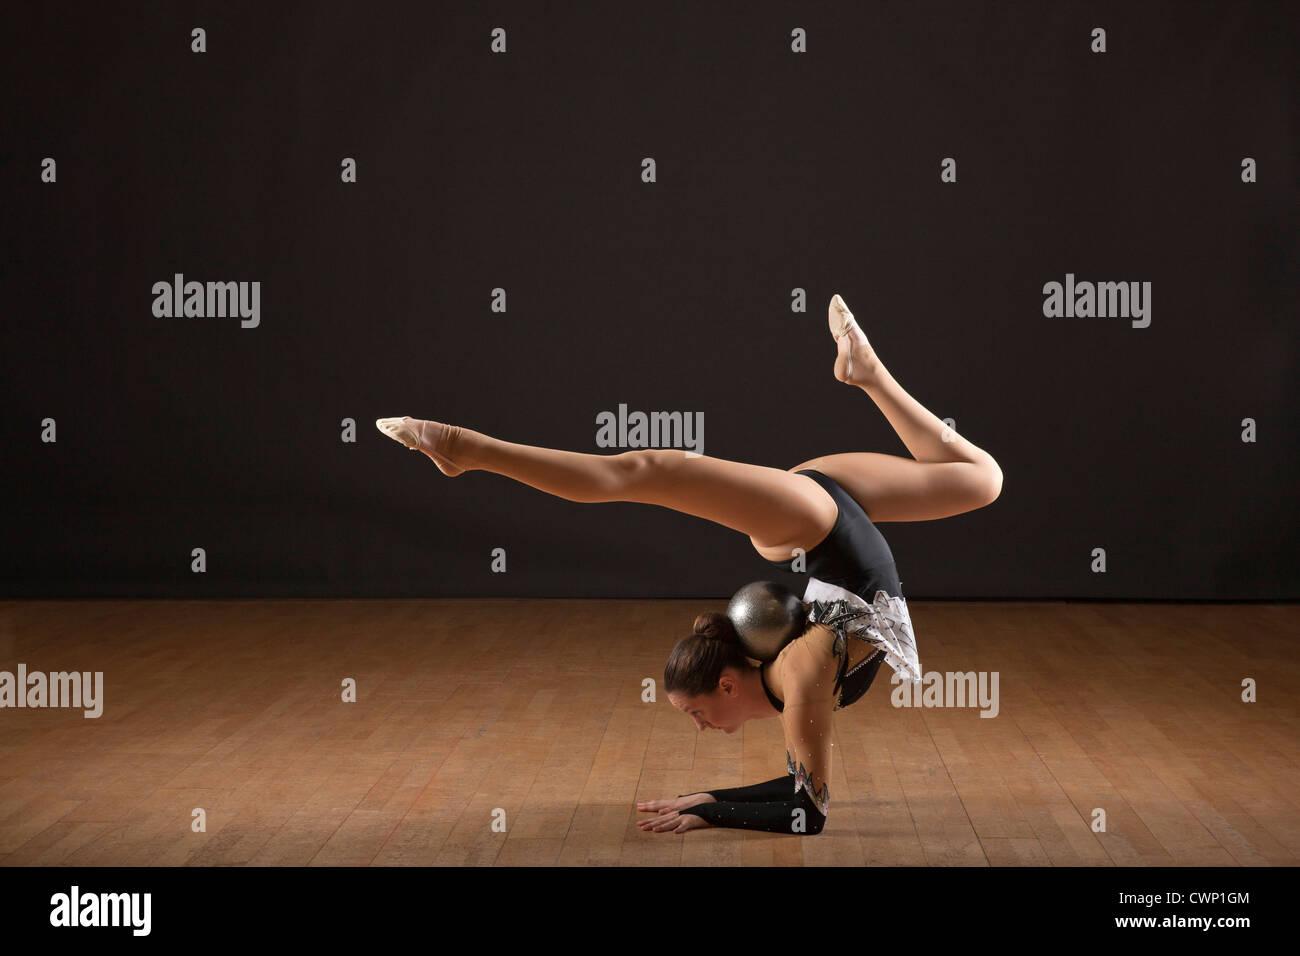 Flexion arrière, gymnaste, avec tête à rotule d'équilibrage Photo Stock